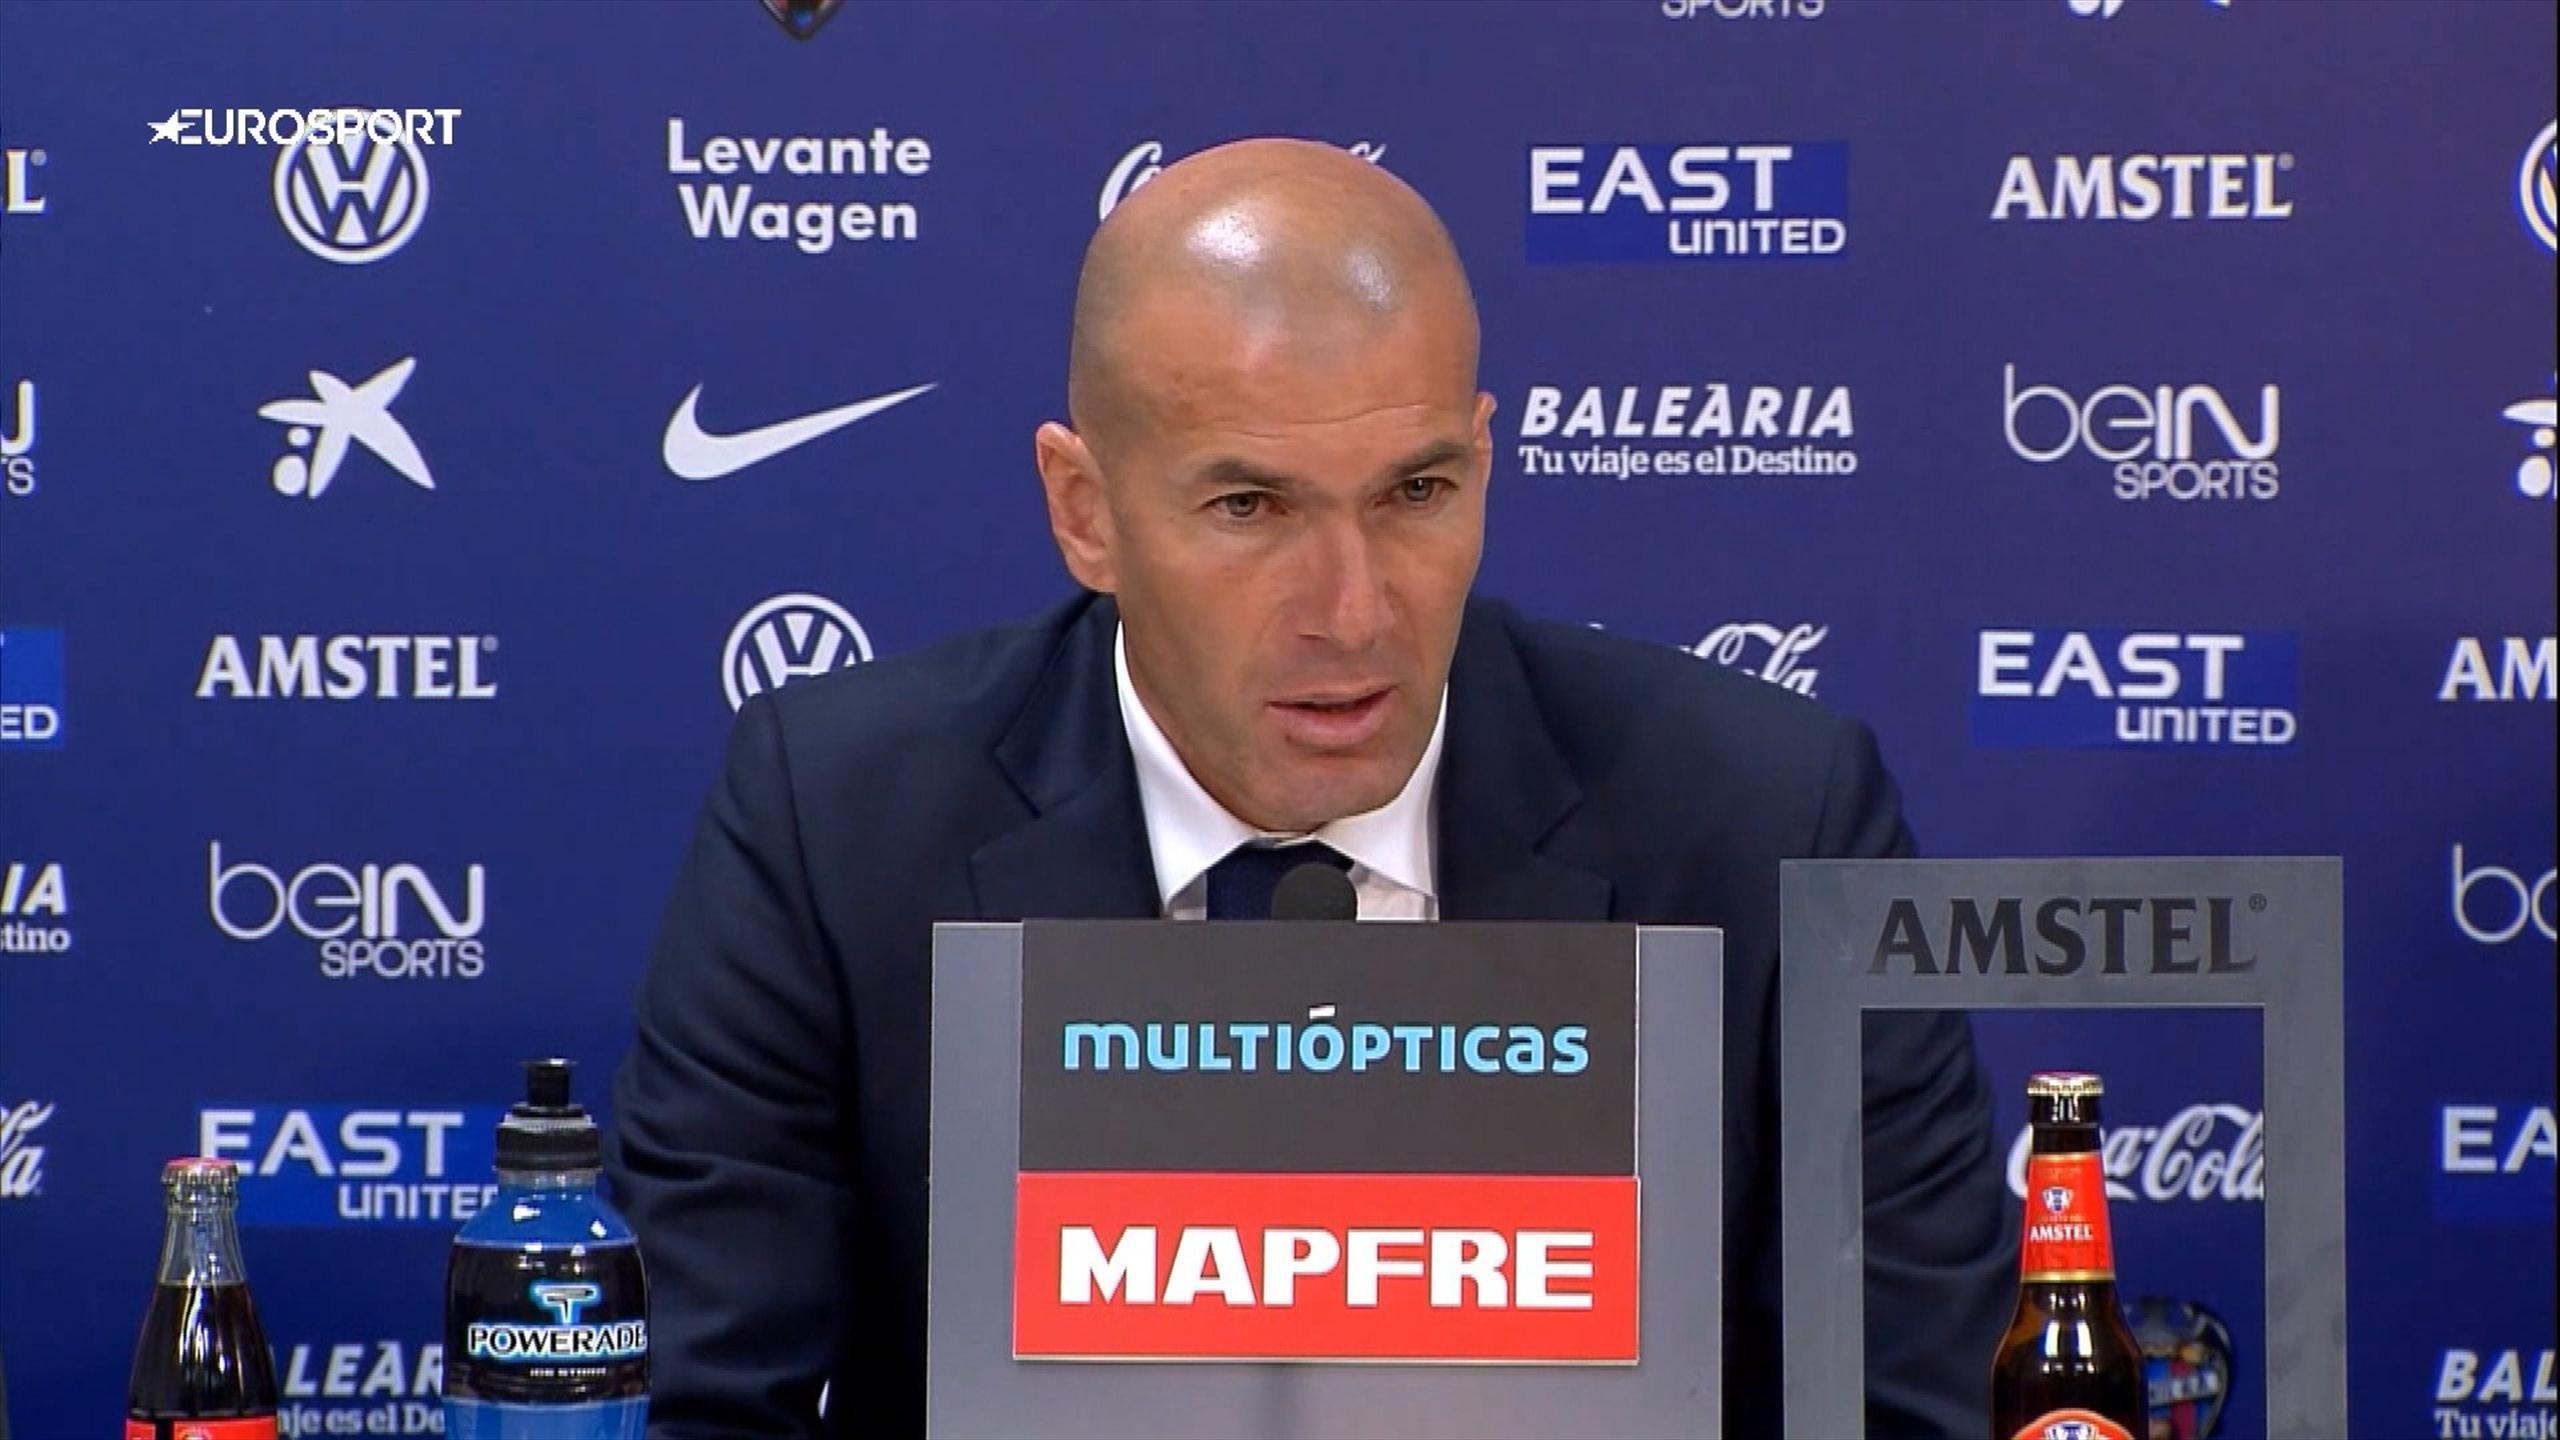 Zinédine Zidane, l'entraîneur du Real Madrid, après la victoire à Levante (1-3).